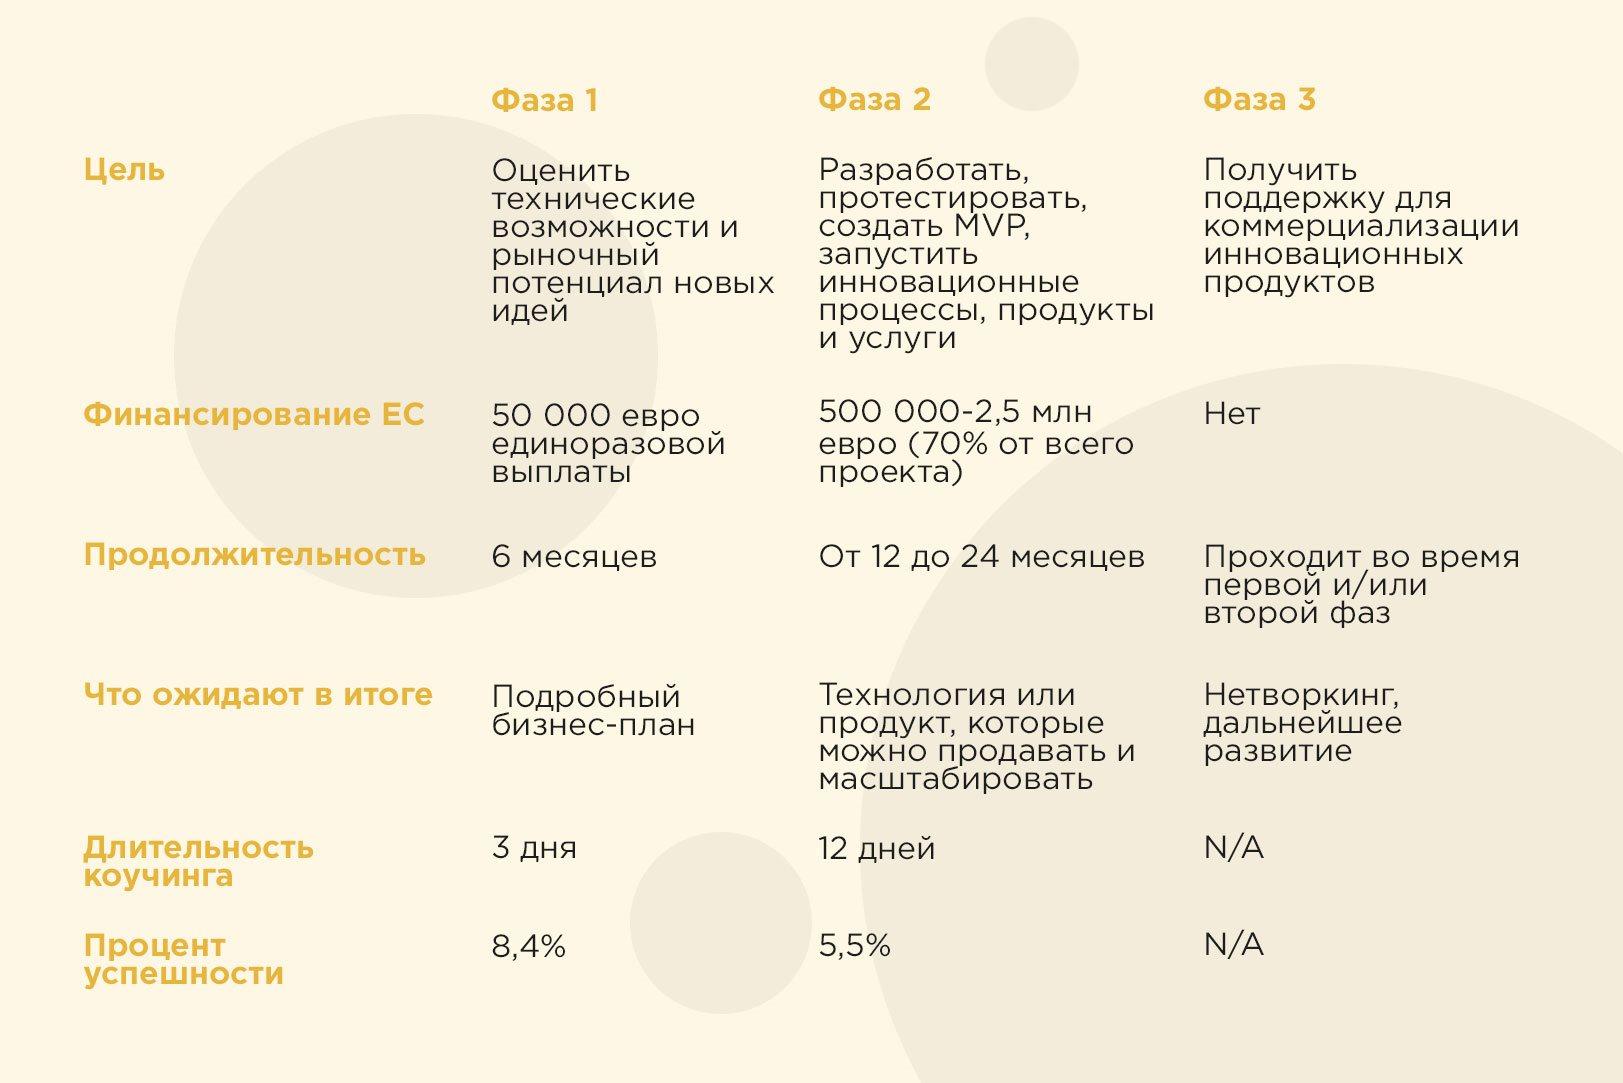 Как украинскому стартапу получить 2,5 млн евро от ЕС  Рассказывает